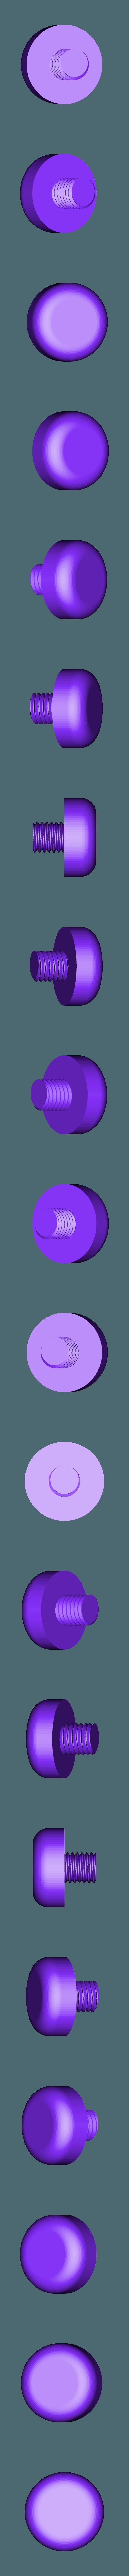 Moon_Screw_M10_Lamp_Socket.stl Télécharger fichier STL gratuit Lampe -Moon • Design pour imprimante 3D, tarasshahmatenko